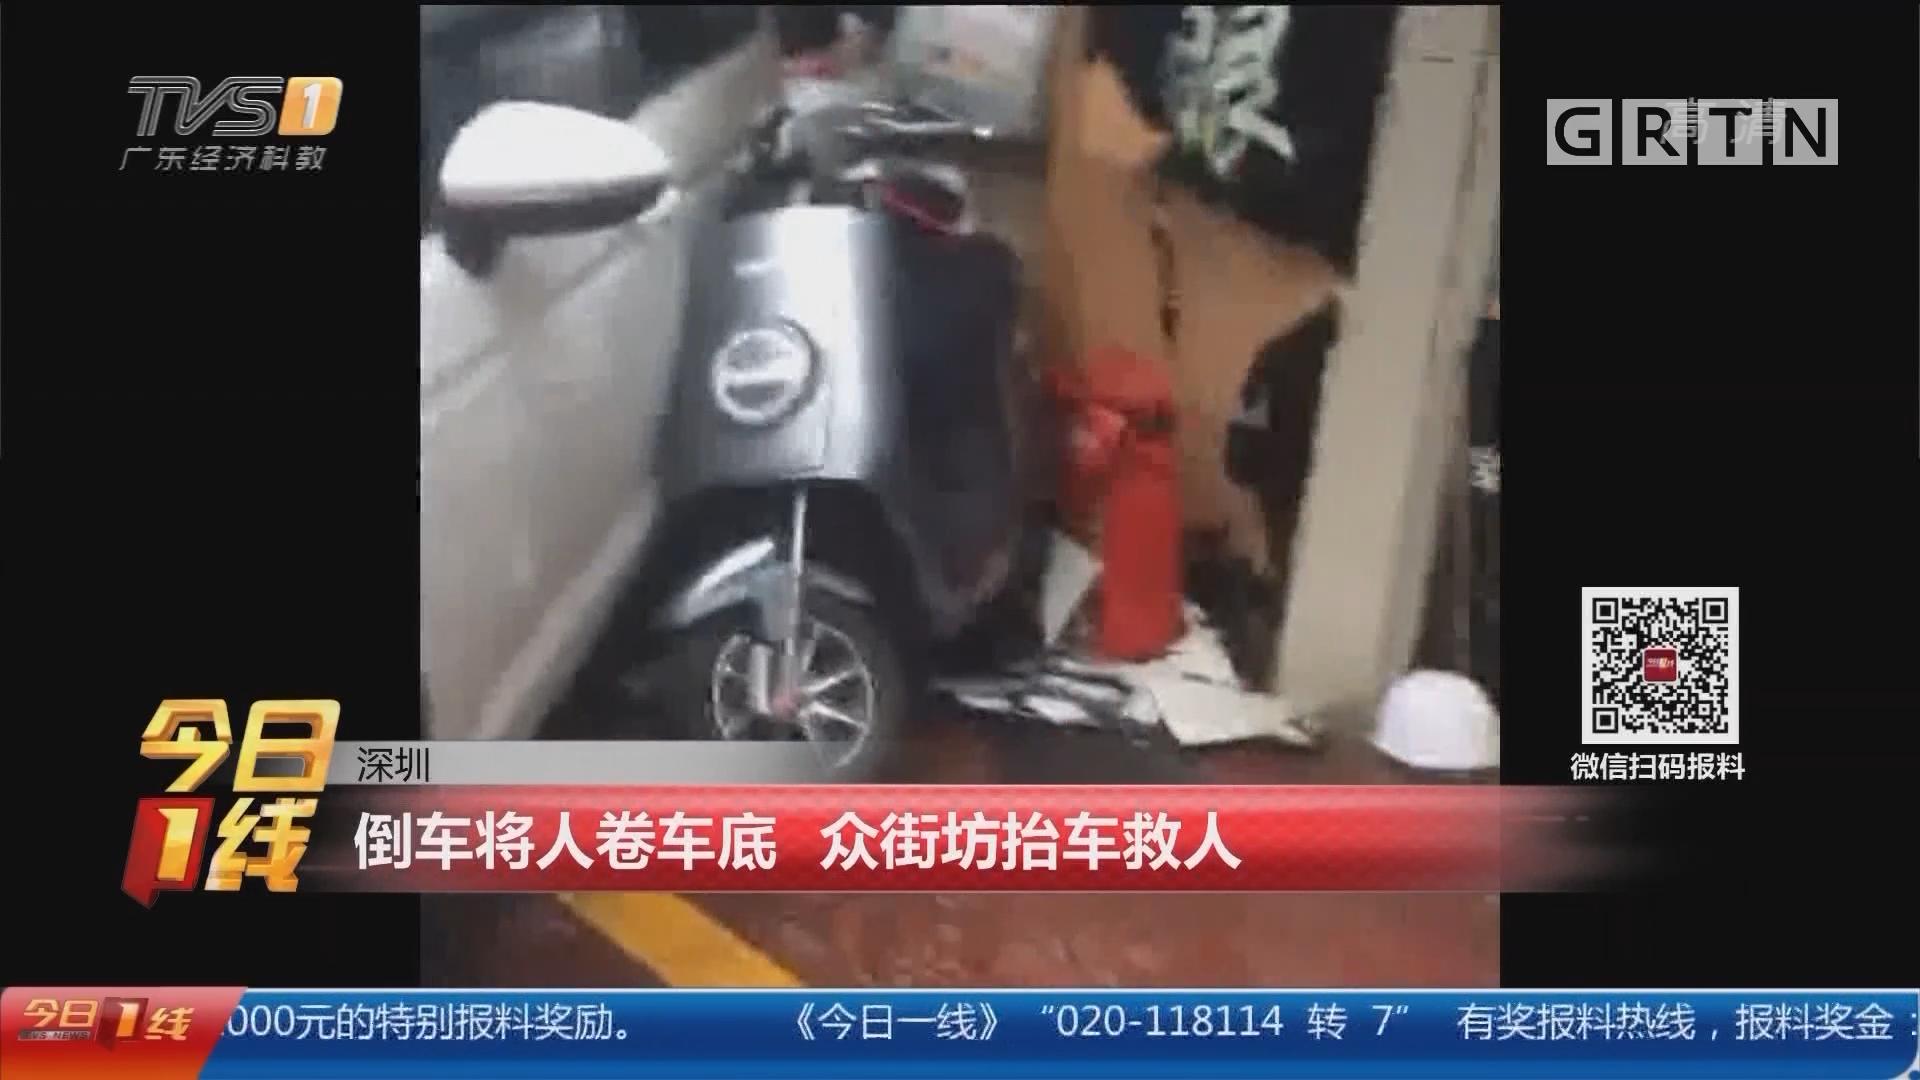 深圳:倒车将人卷车底 众街坊抬车救人